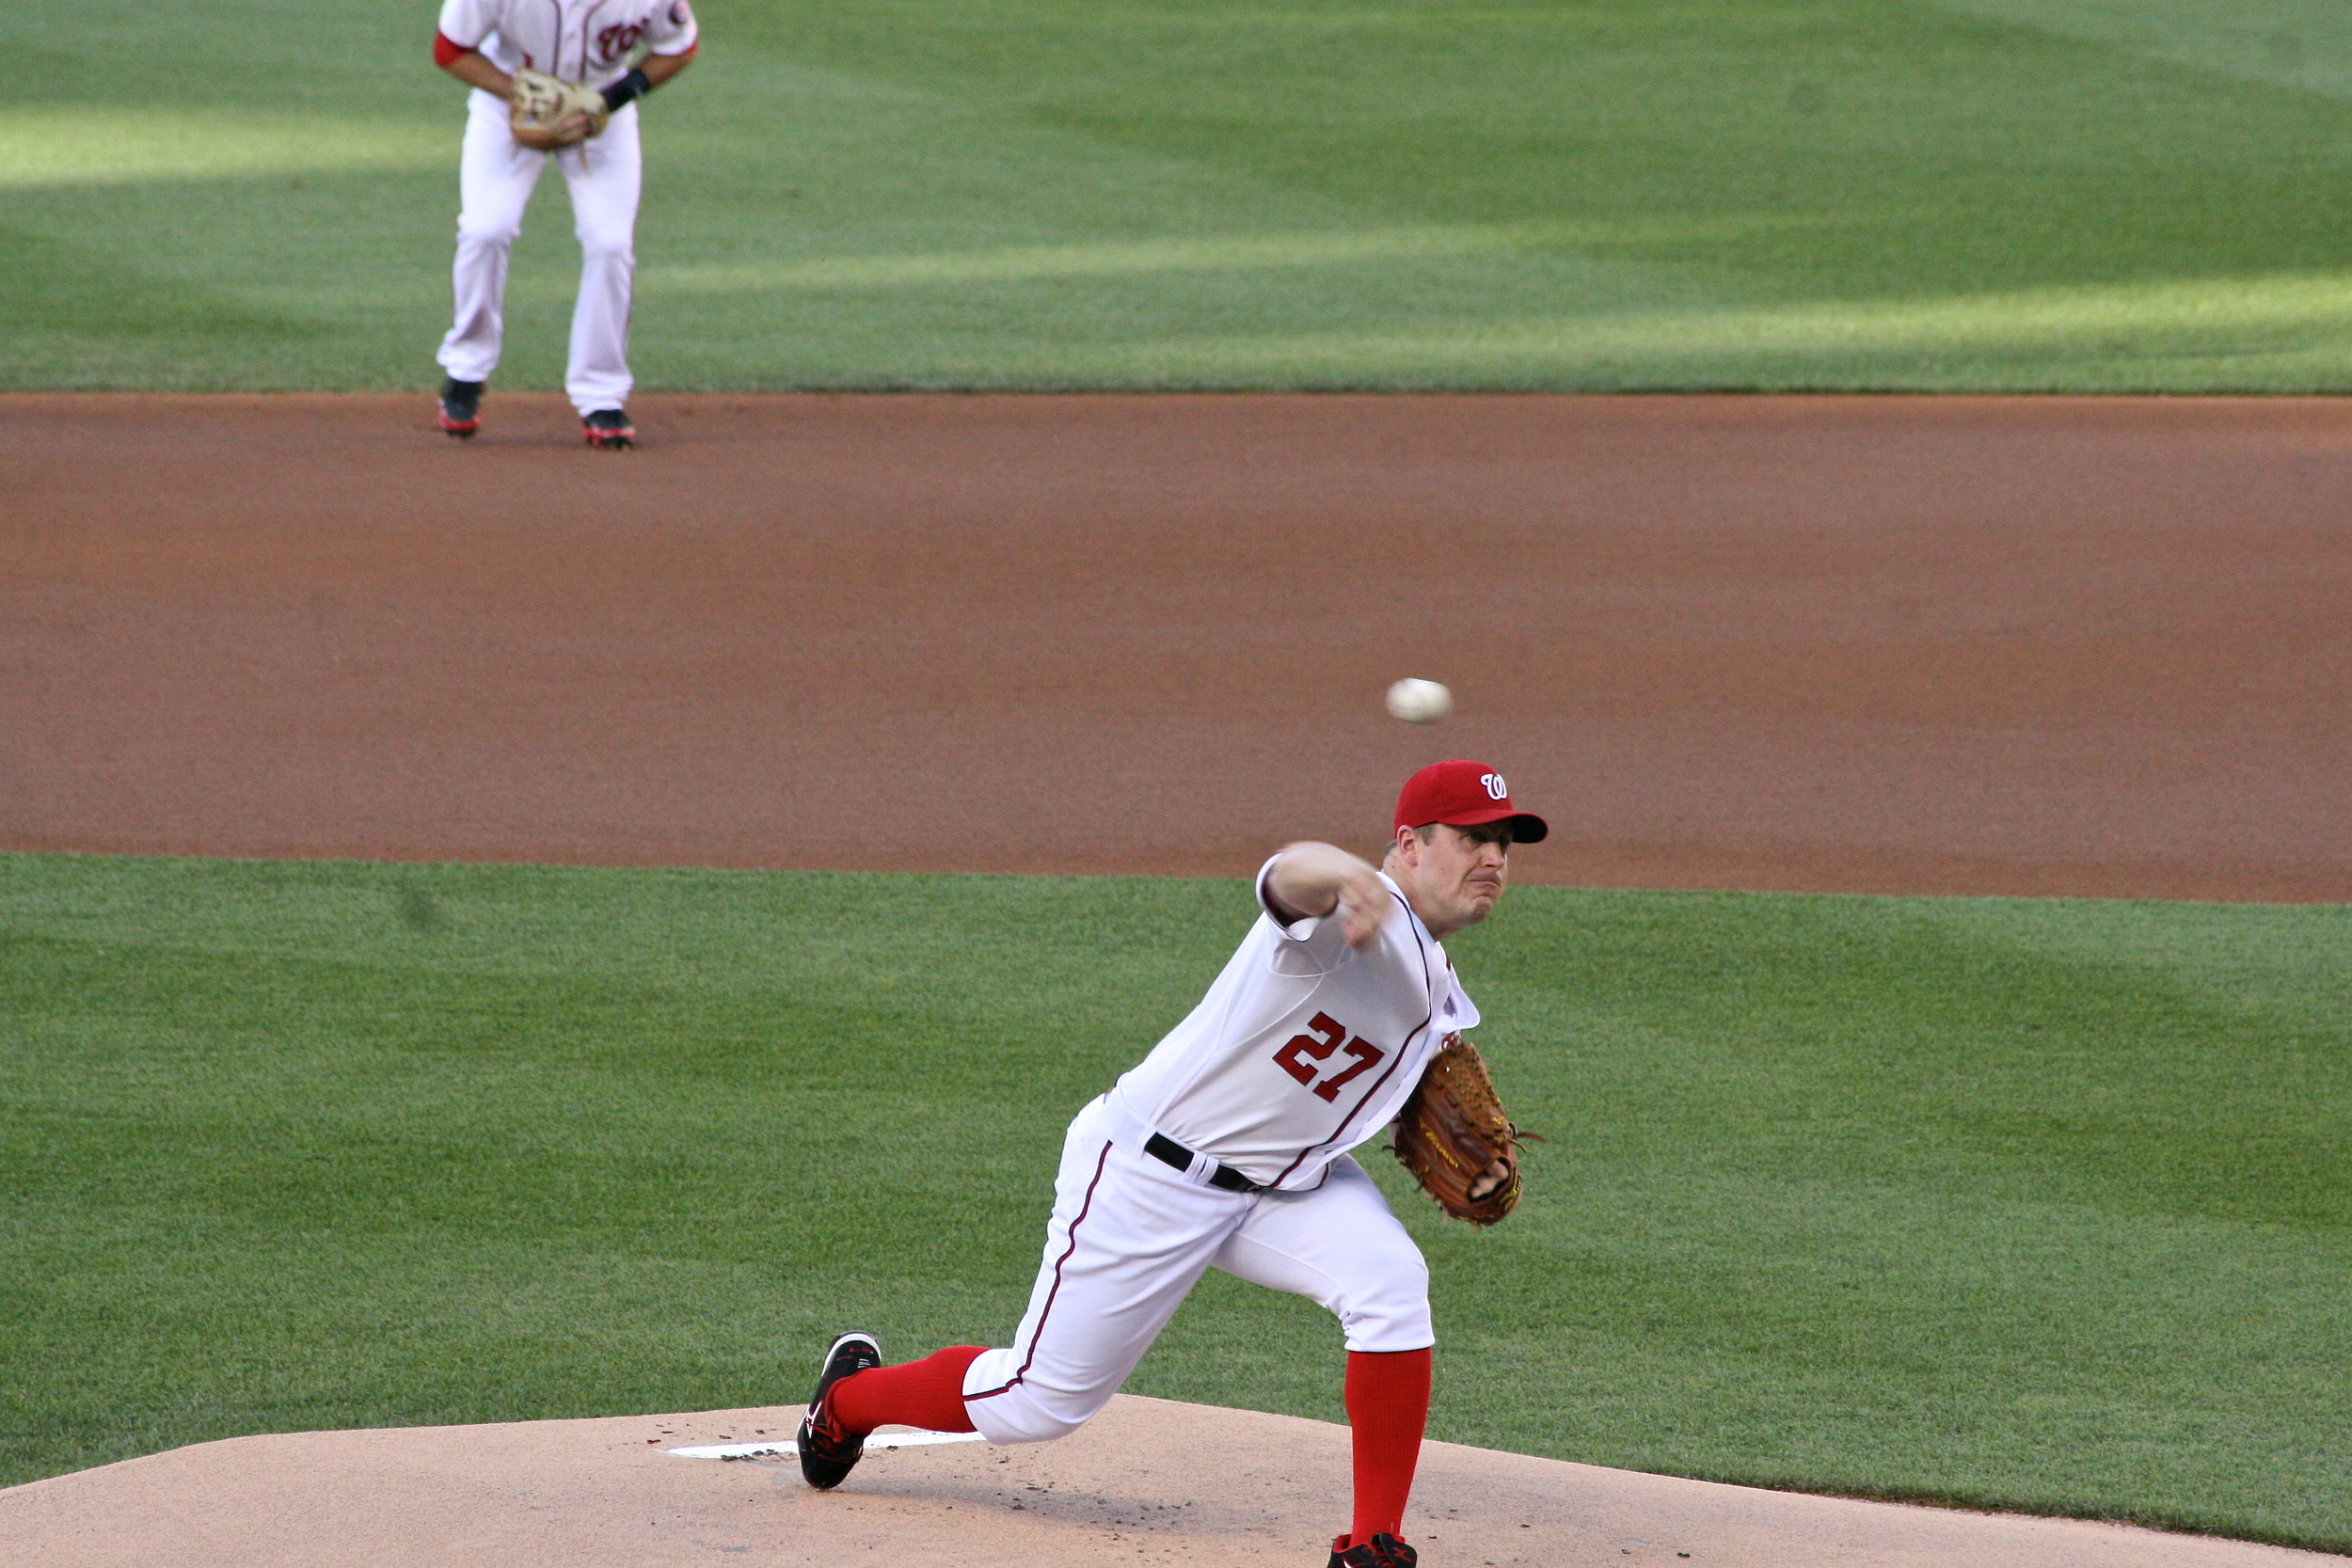 Jordan Zimmerman pitching masterfully